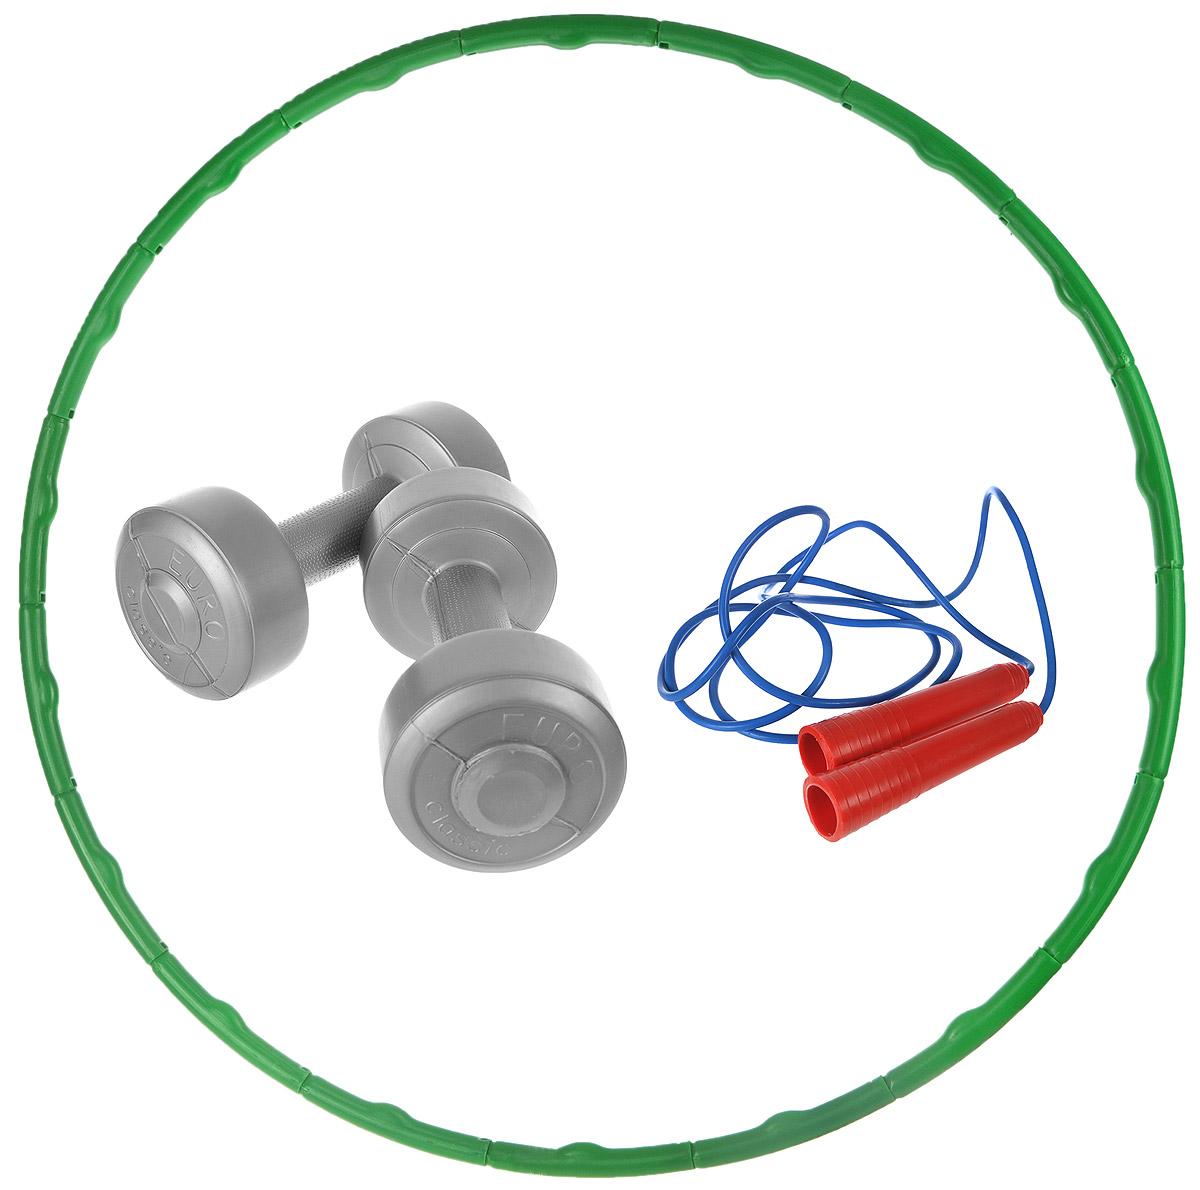 Набор для фитнеса Евро-Классик Игра и здоровье, 3 предметаИиЗНабор для домашнего фитнеса Игра и здоровье - увлекательная игра для детей и взрослых. С помощью этого набора, вы сможете скорректировать талию, поднять тонус и укрепить обще-физическое состояние организма. В набор входит: разборный массажный обруч диаметром 90 см (18 сегментов), 2 виниловые гантели весом по 1 кг, скакалка 2,8 м и буклет с вариантами упражнений и игр для детей